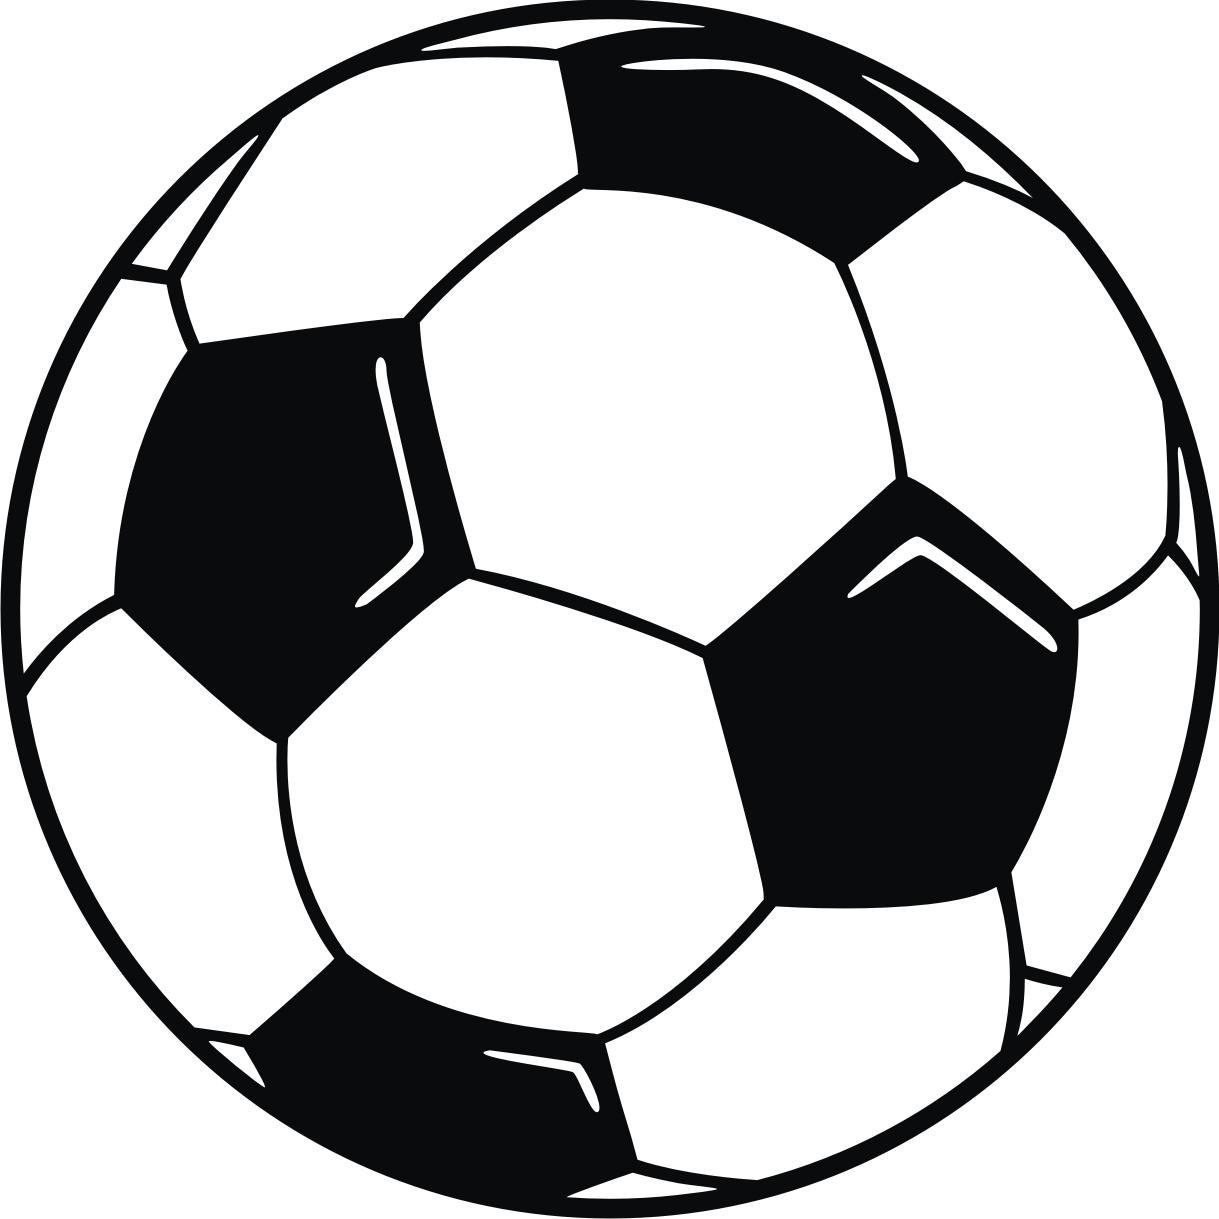 1219x1219 Clip Art Soccer Ball